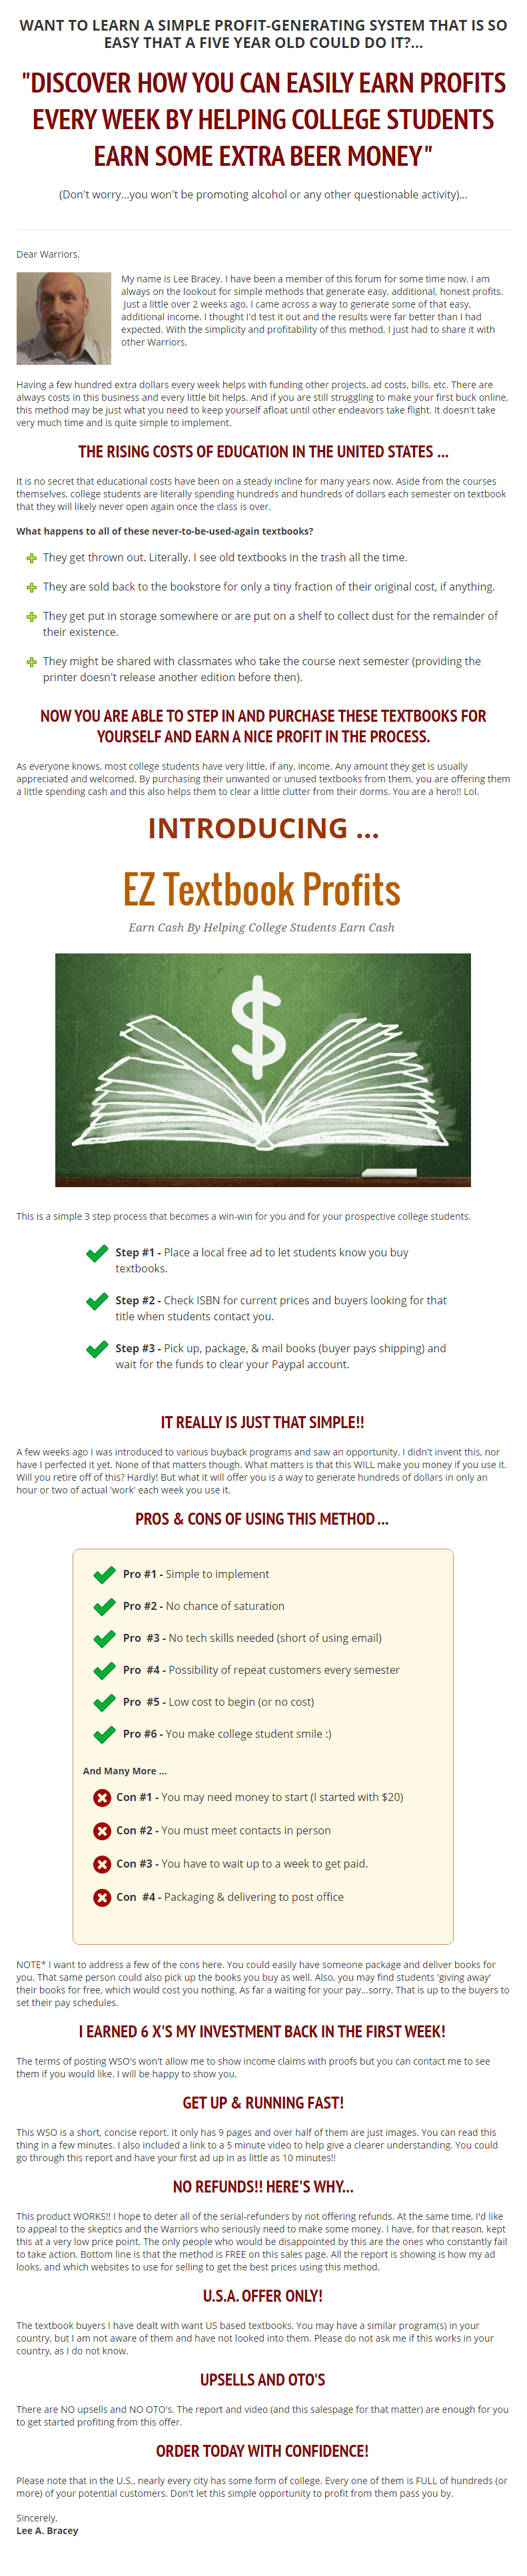 在90分钟的简单工作中,我是如何把刀变成0刀的!(EZ Textbook Profits)